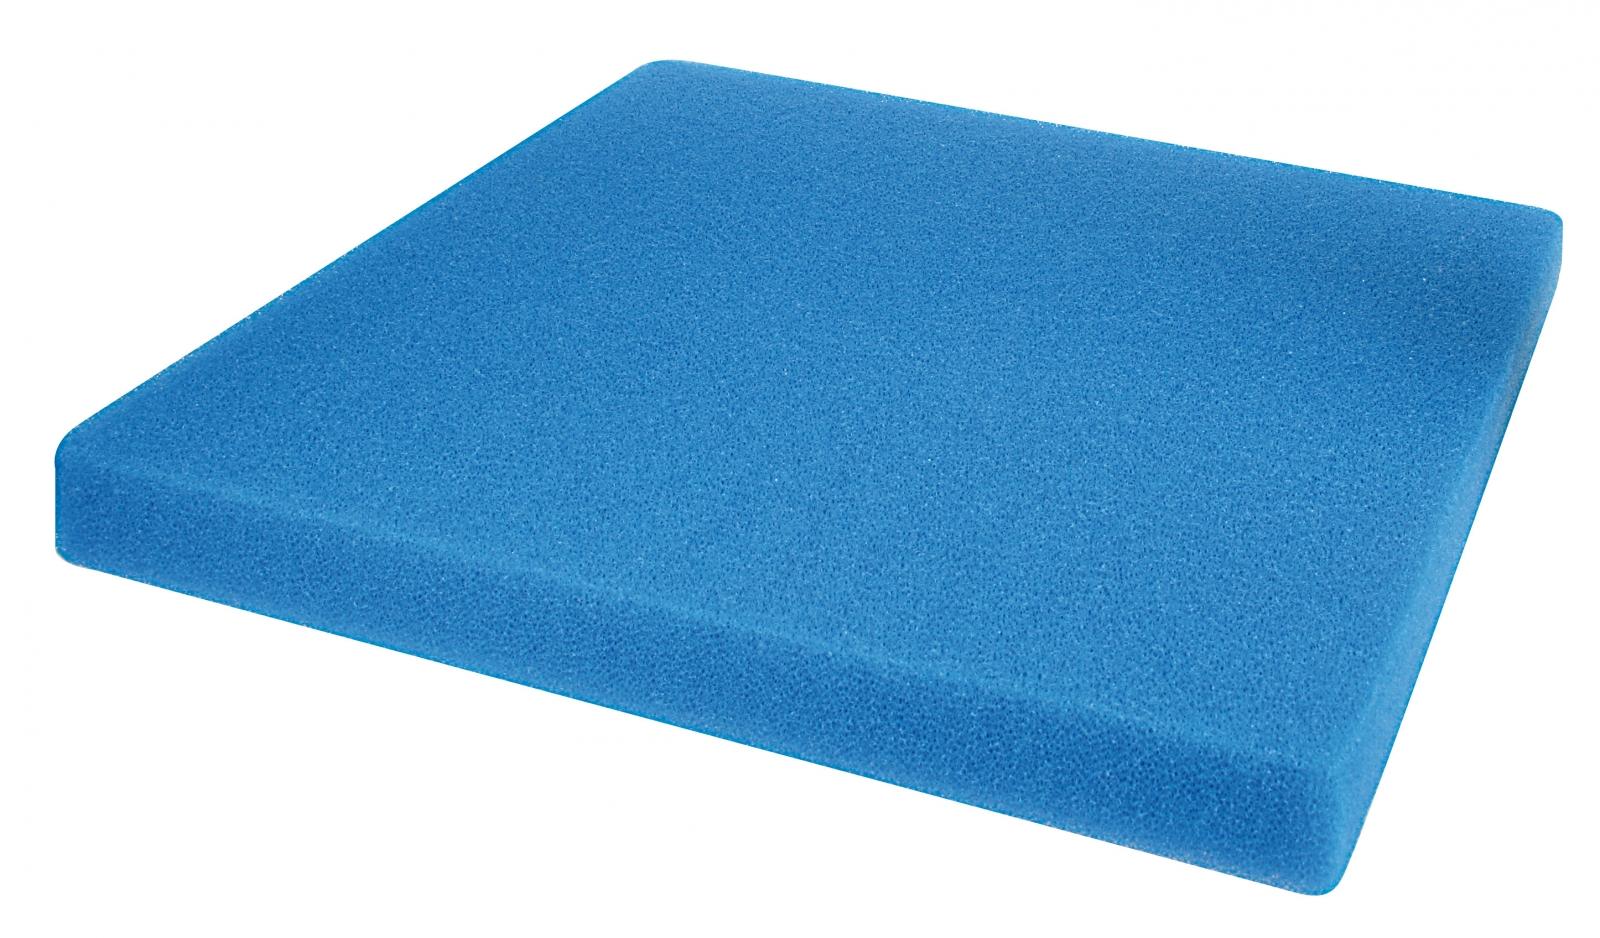 Mousse ACTIZOO Mouss\'Pro Fine plaque de mousses 50 x 50 x 5 cm à maille fine